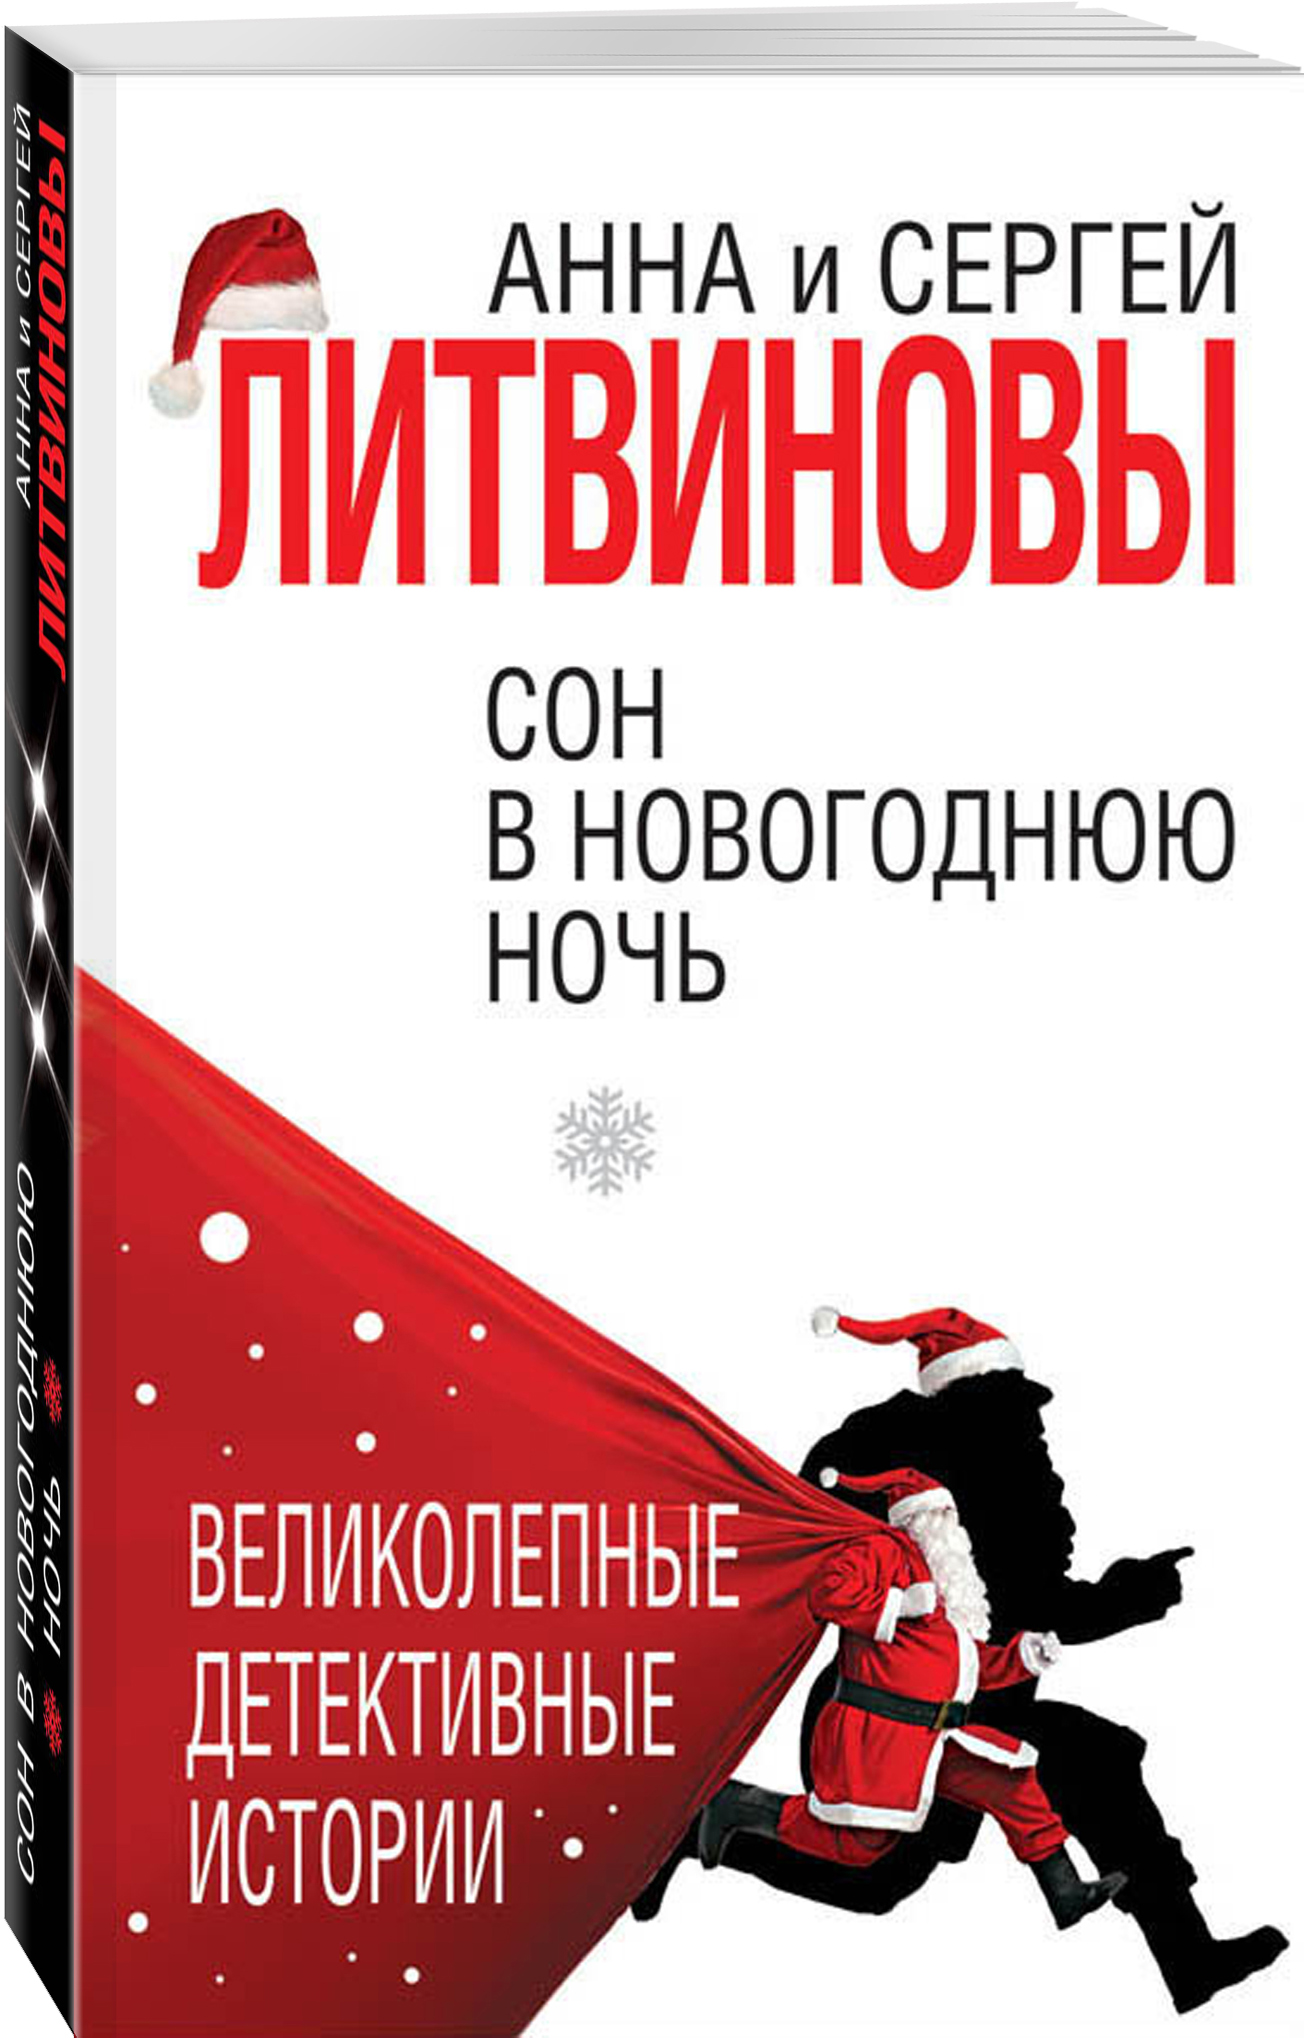 Анна и Сергей Литвиновы Сон в новогоднюю ночь анна и сергей литвиновы все мужчины любят это сборник